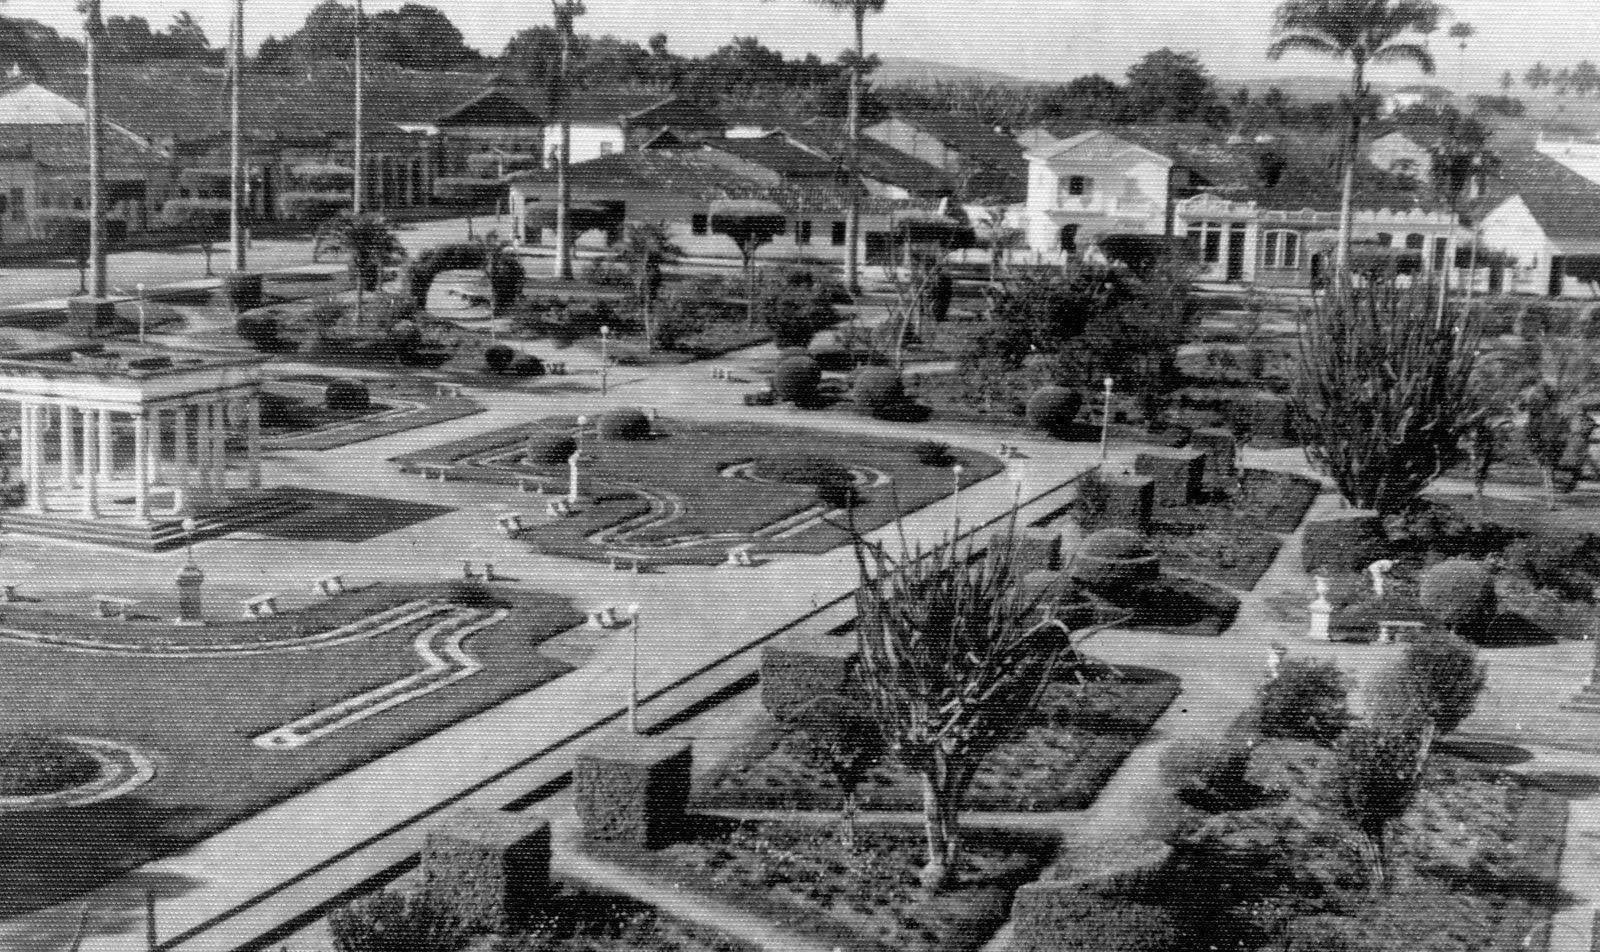 Cidade Jardim Notícias : História de Amargosa | Cidade-jardim, Cidade,  Jardim